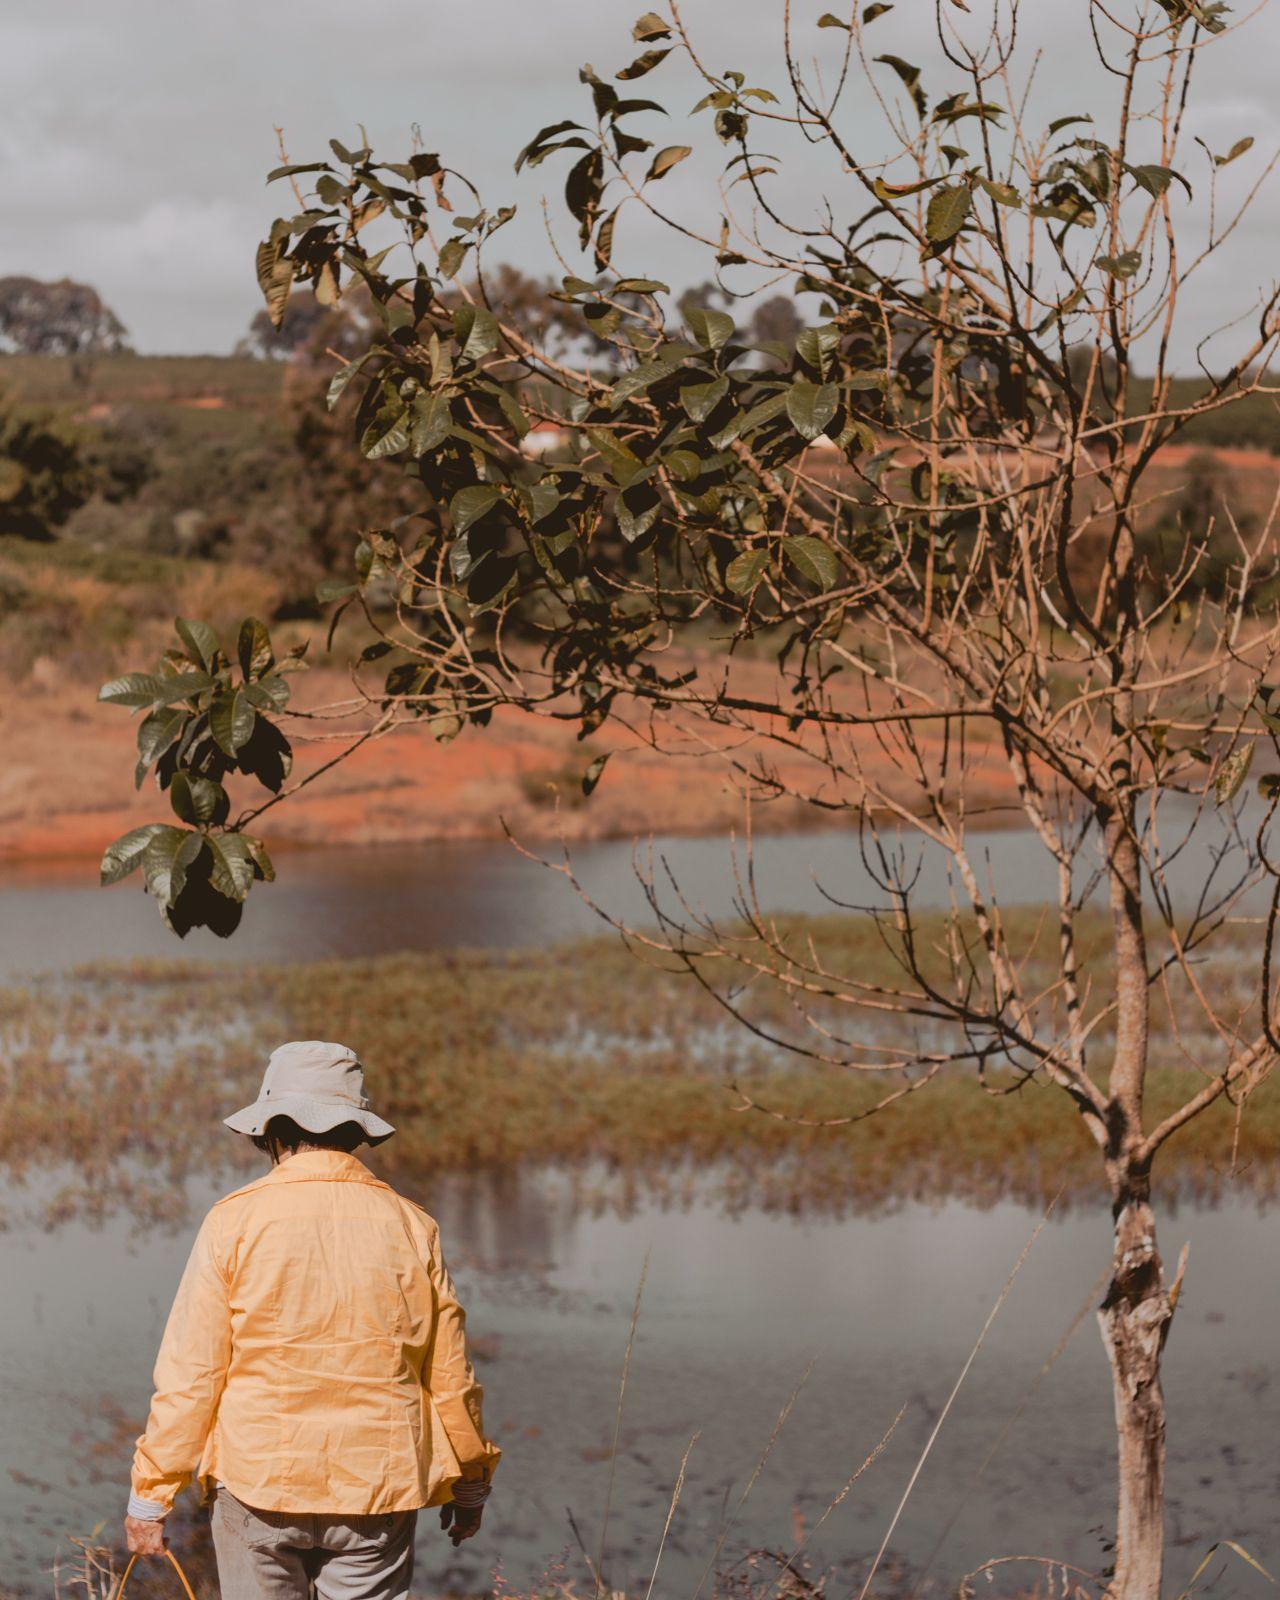 pescadora com blusa amarela e chapéu ao lado a árvore